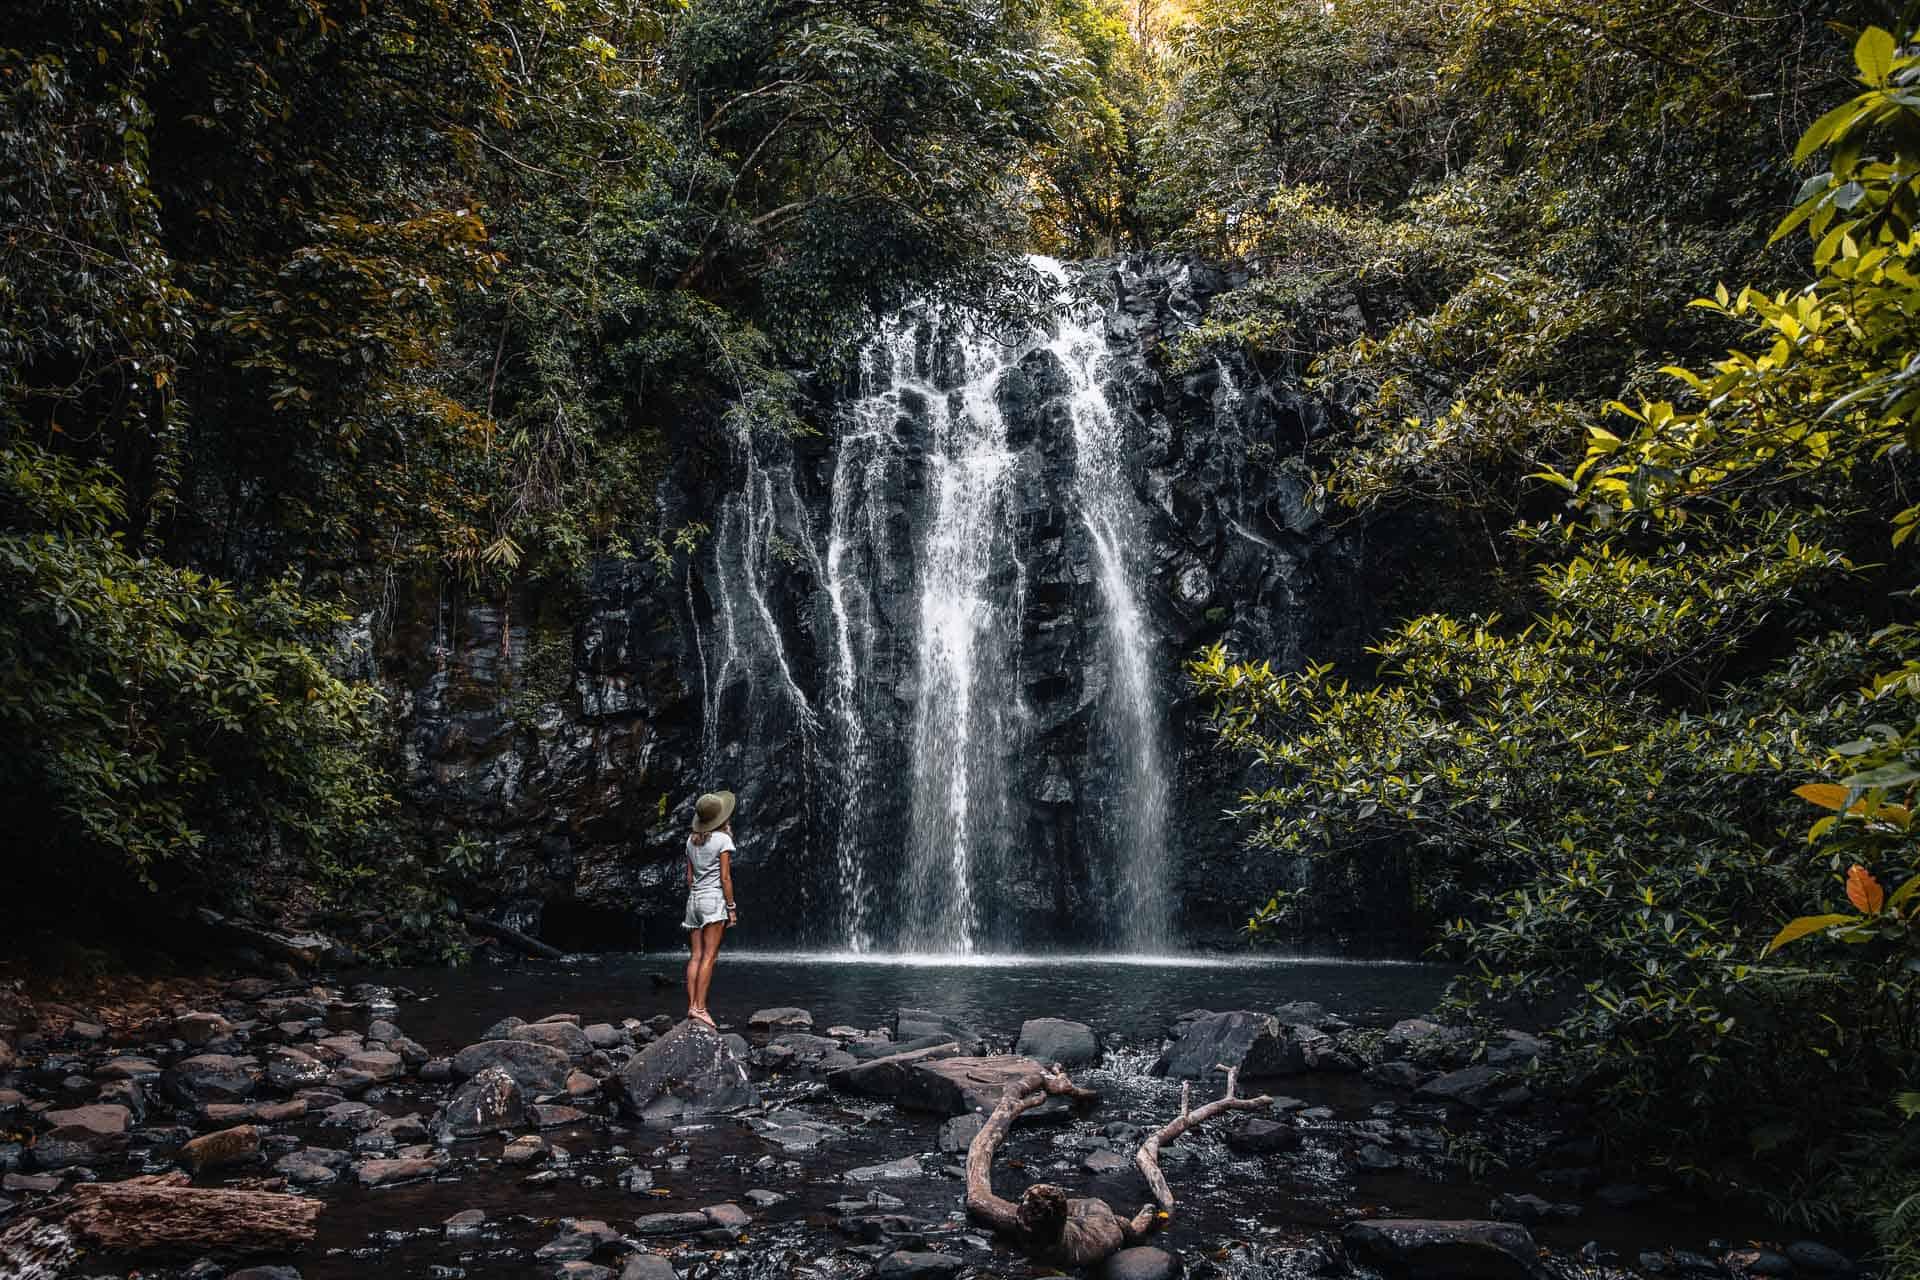 ellinjaa falls, ellinjaa falls queensland, ellinjaa falls australia, waterfall circuit cairns